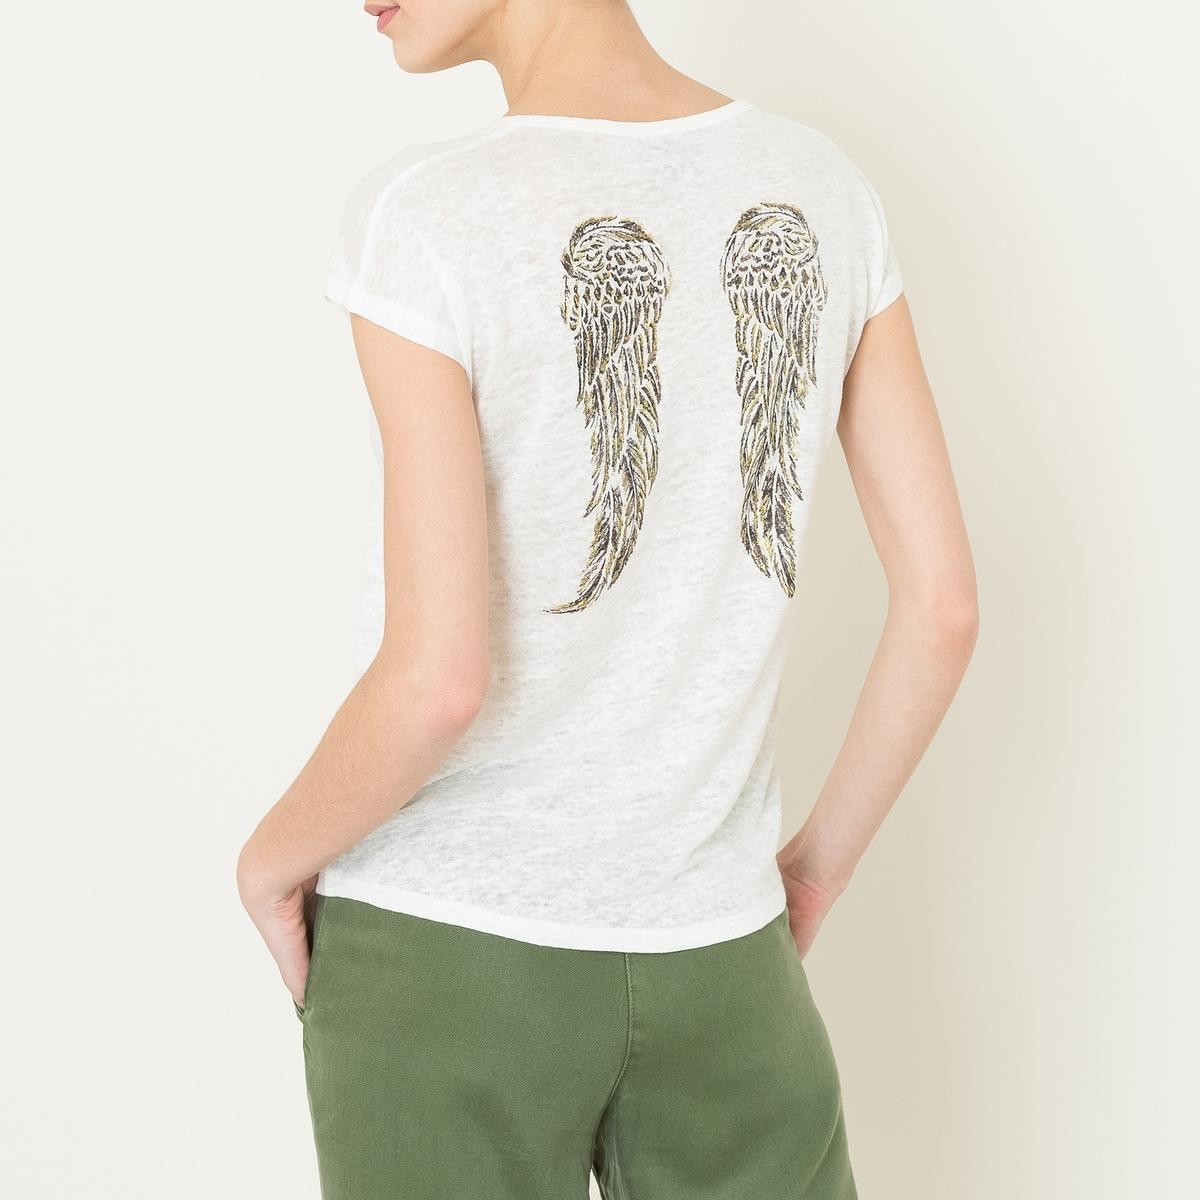 Футболка VIRGILФутболка  BERENICE - модель VIRGIL из 100% льна с рисунком блестками крылья сзади. Тонкий свободный круглый вырез в рубчик. Короткие рукава. Рисунок блестками крылья сзади. Накладной нагрудный карман. Прямой подшитый низ. Состав и описание    Материал : 100% лен   Марка : BERENICE<br><br>Цвет: темно-синий,экрю